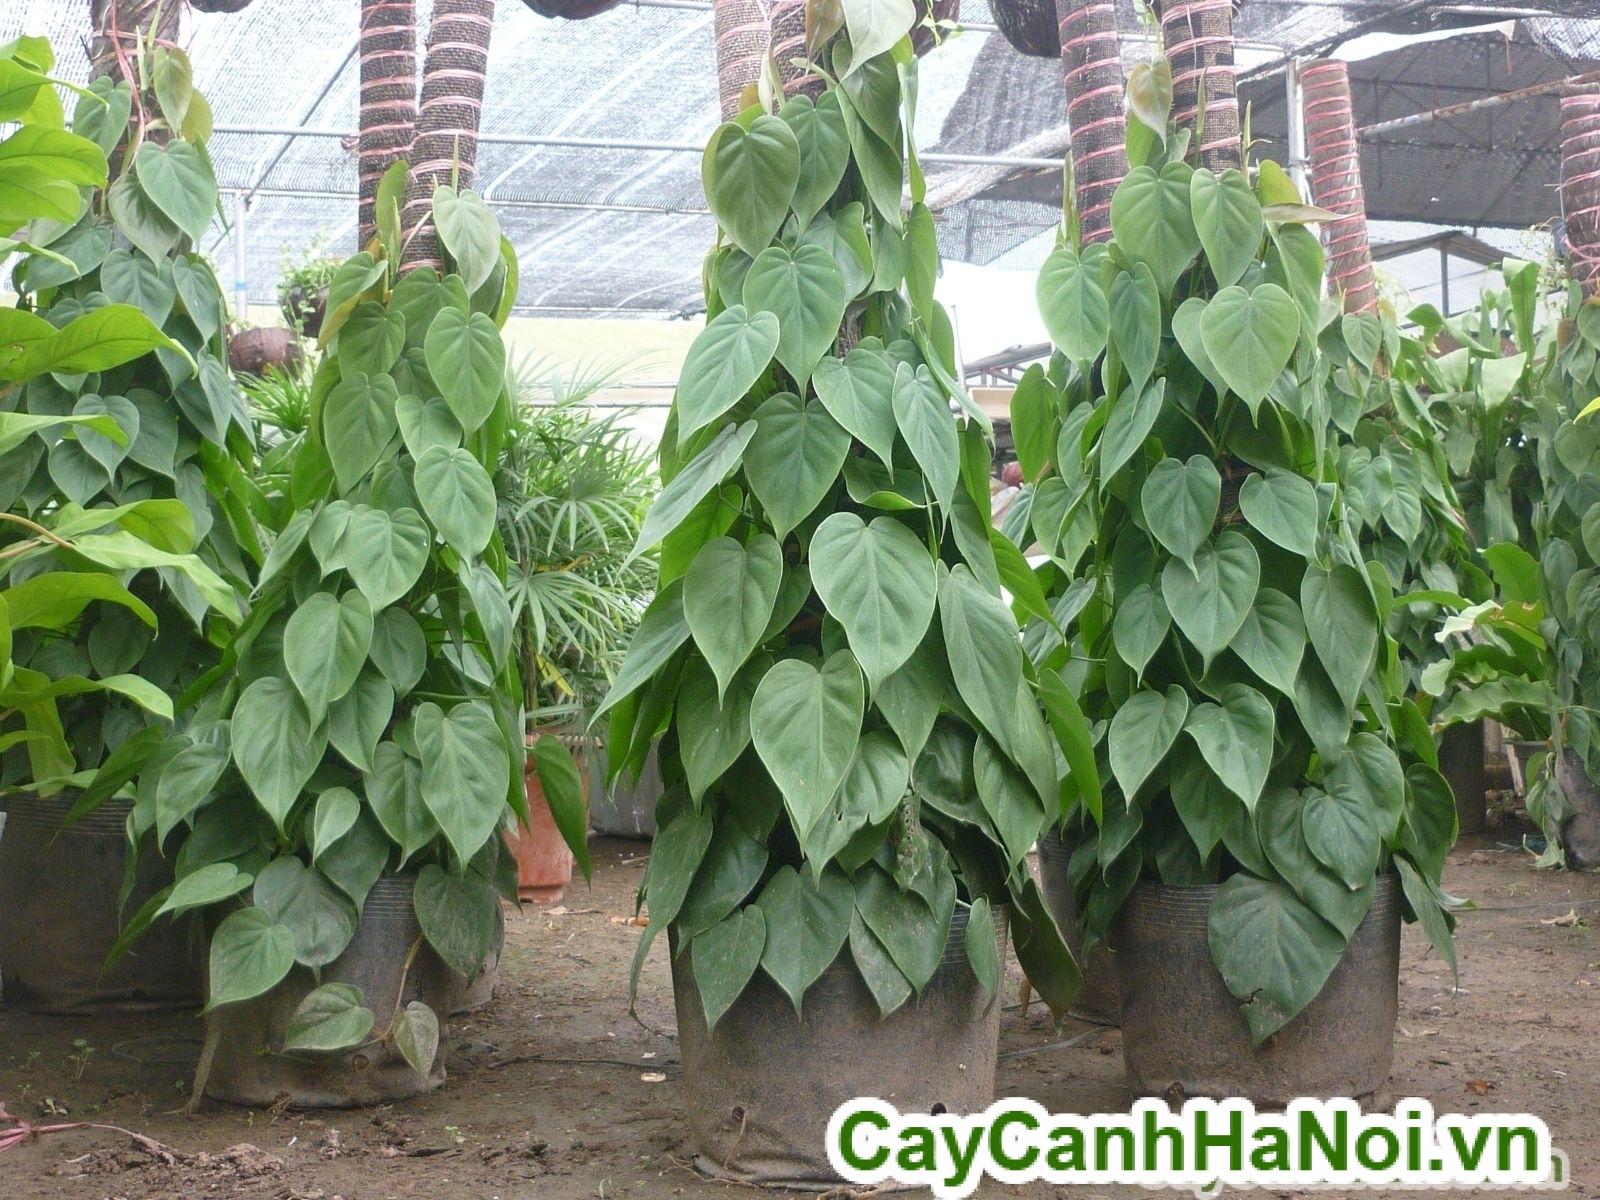 Cay-van-nien-thanh-leo-cot-2